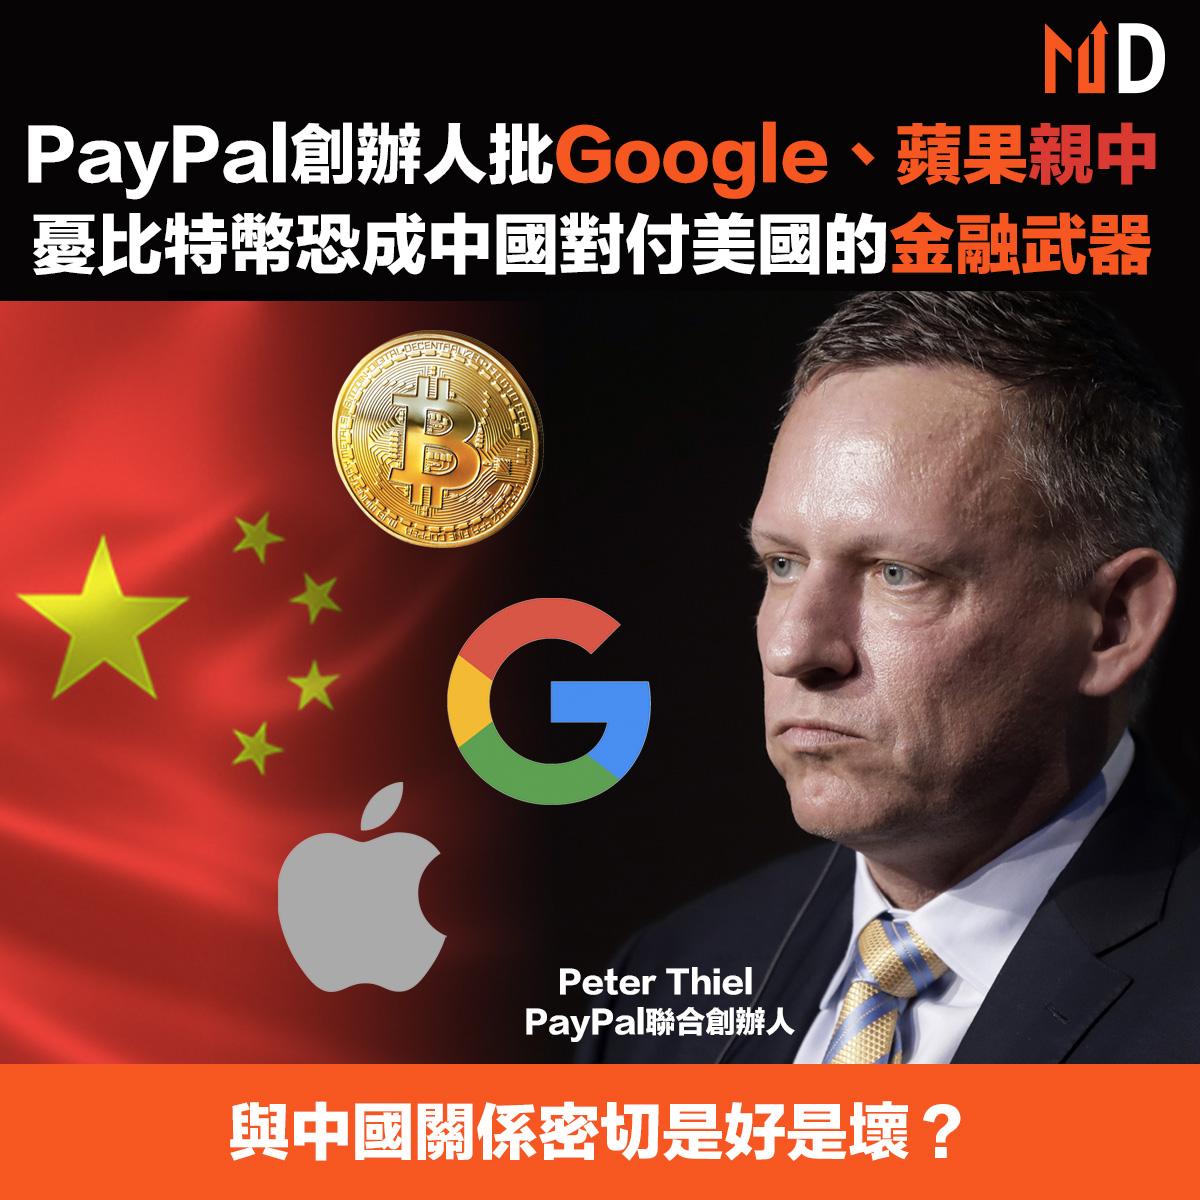 【市場熱話】PayPal創辦人批Google、蘋果親中,憂比特幣恐成中國對付美國的金融武器